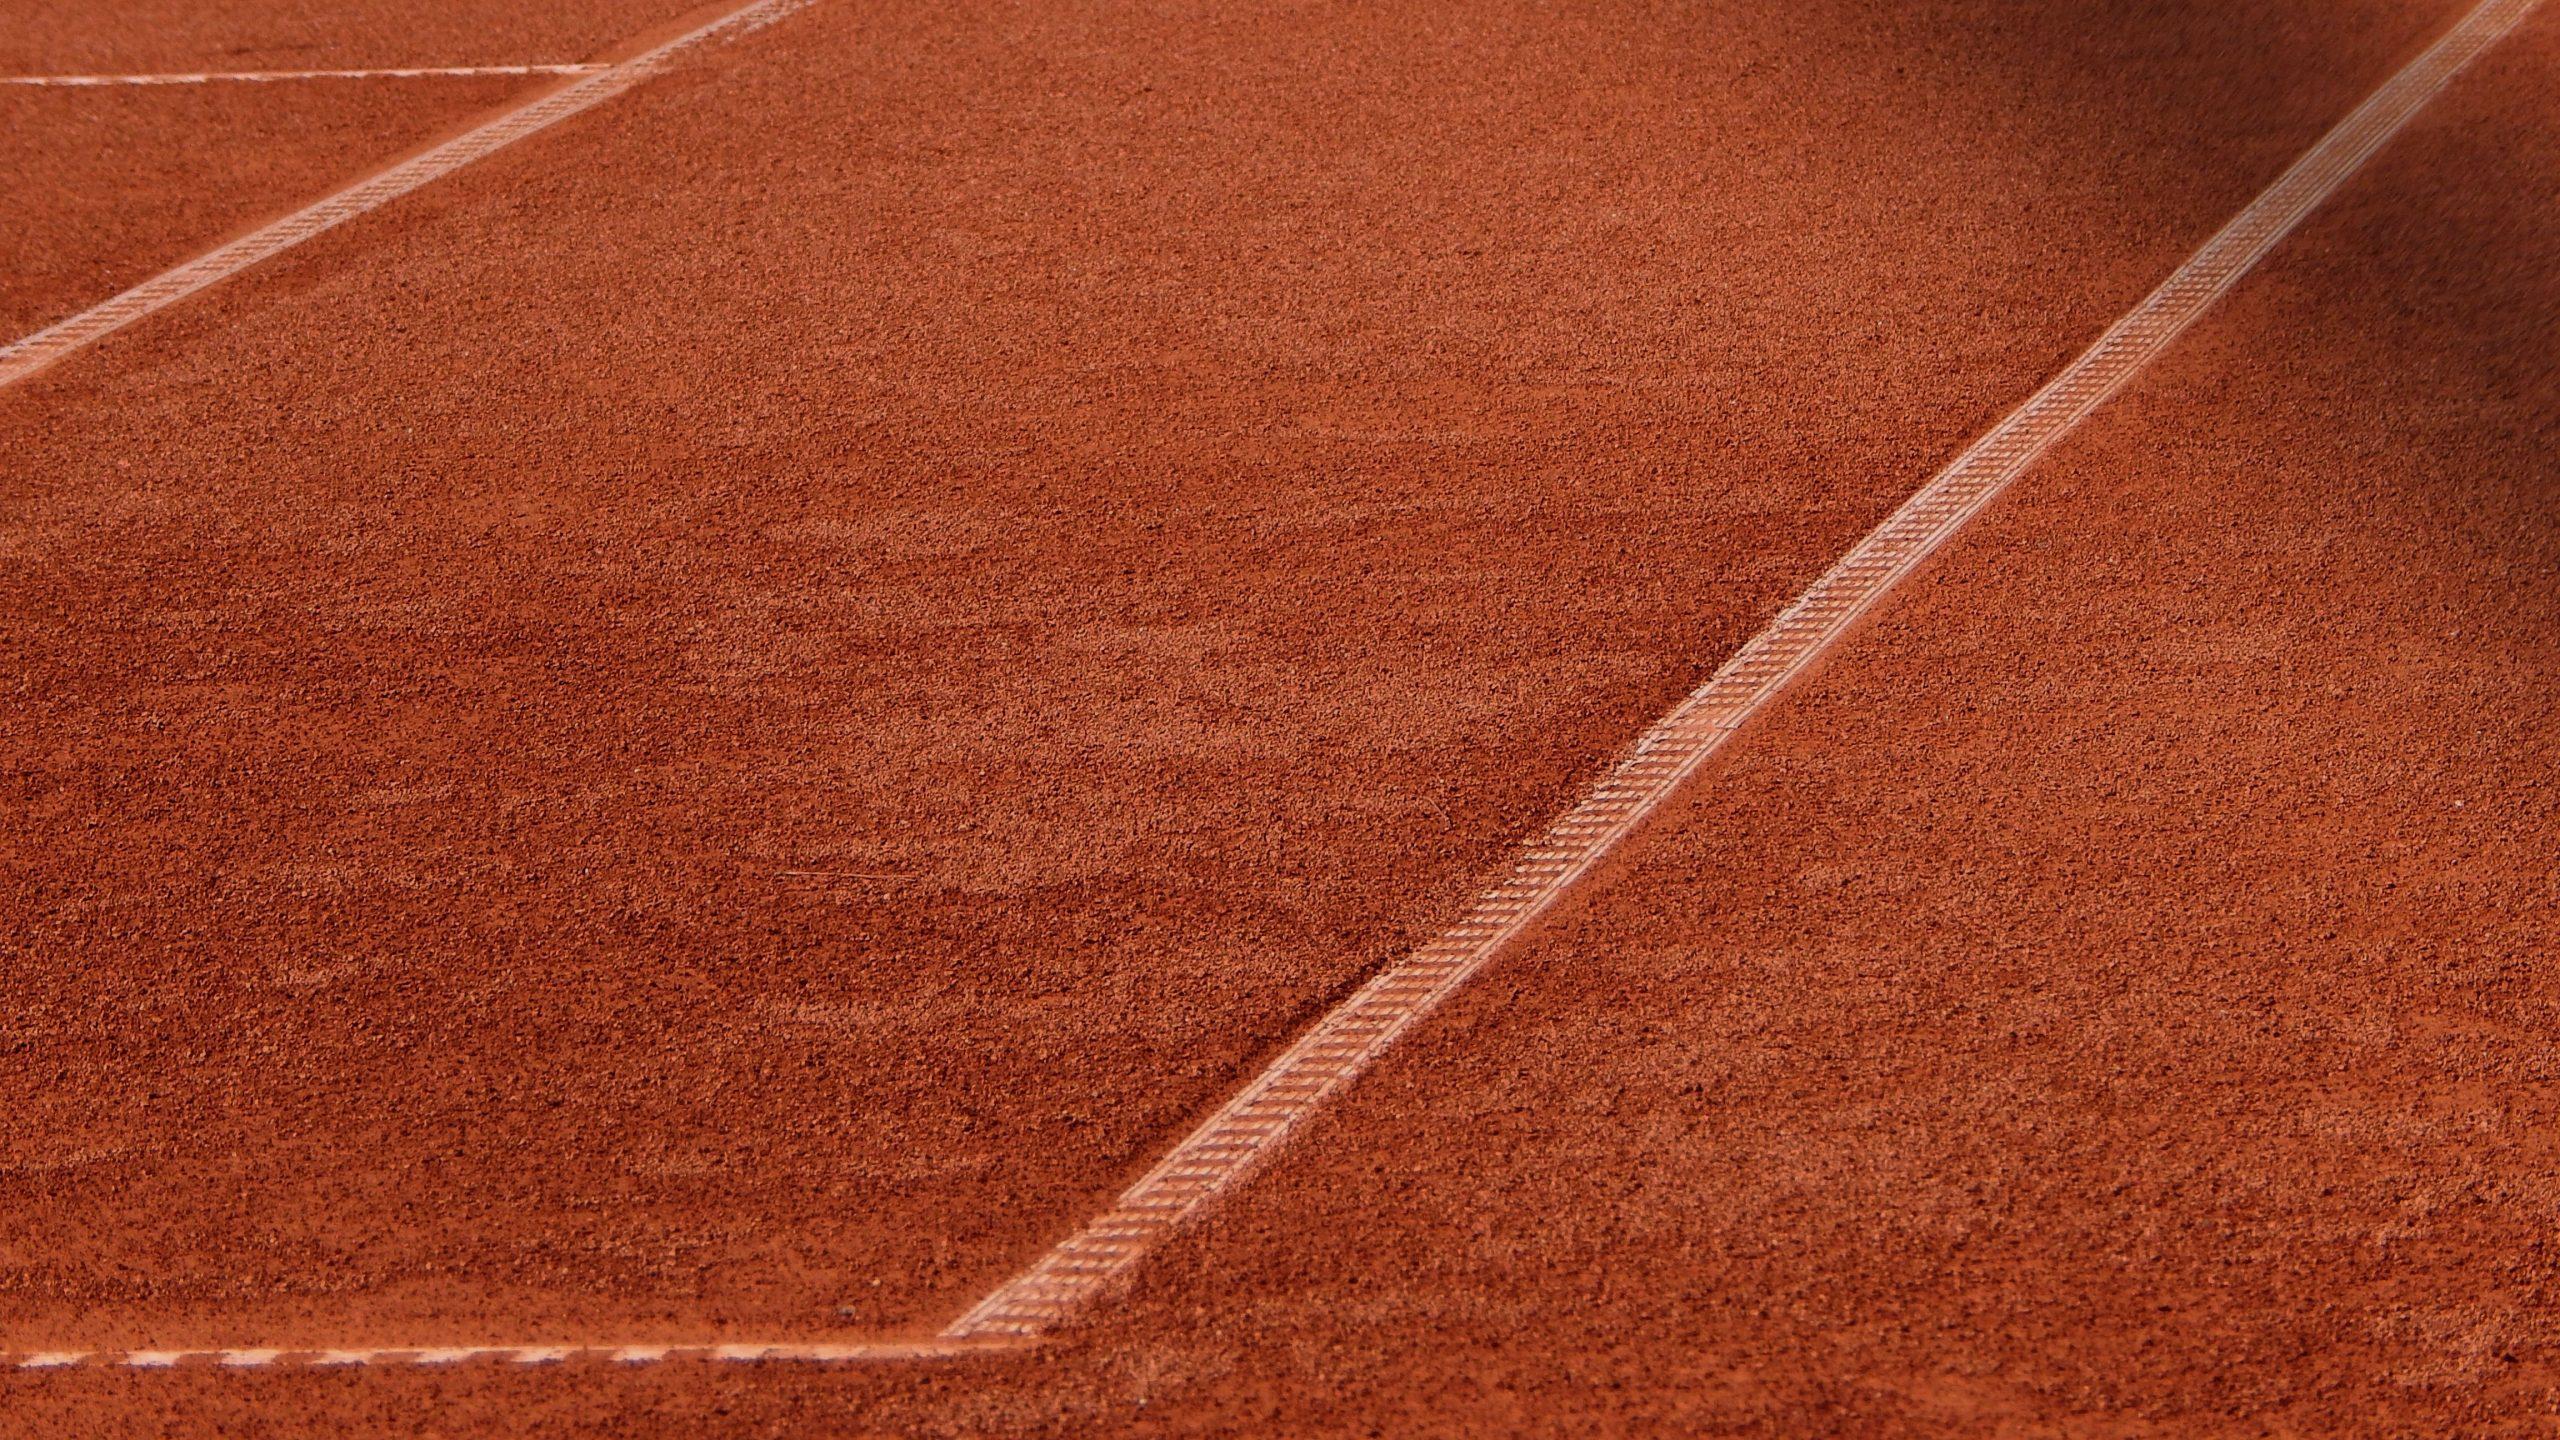 teniško igrišče